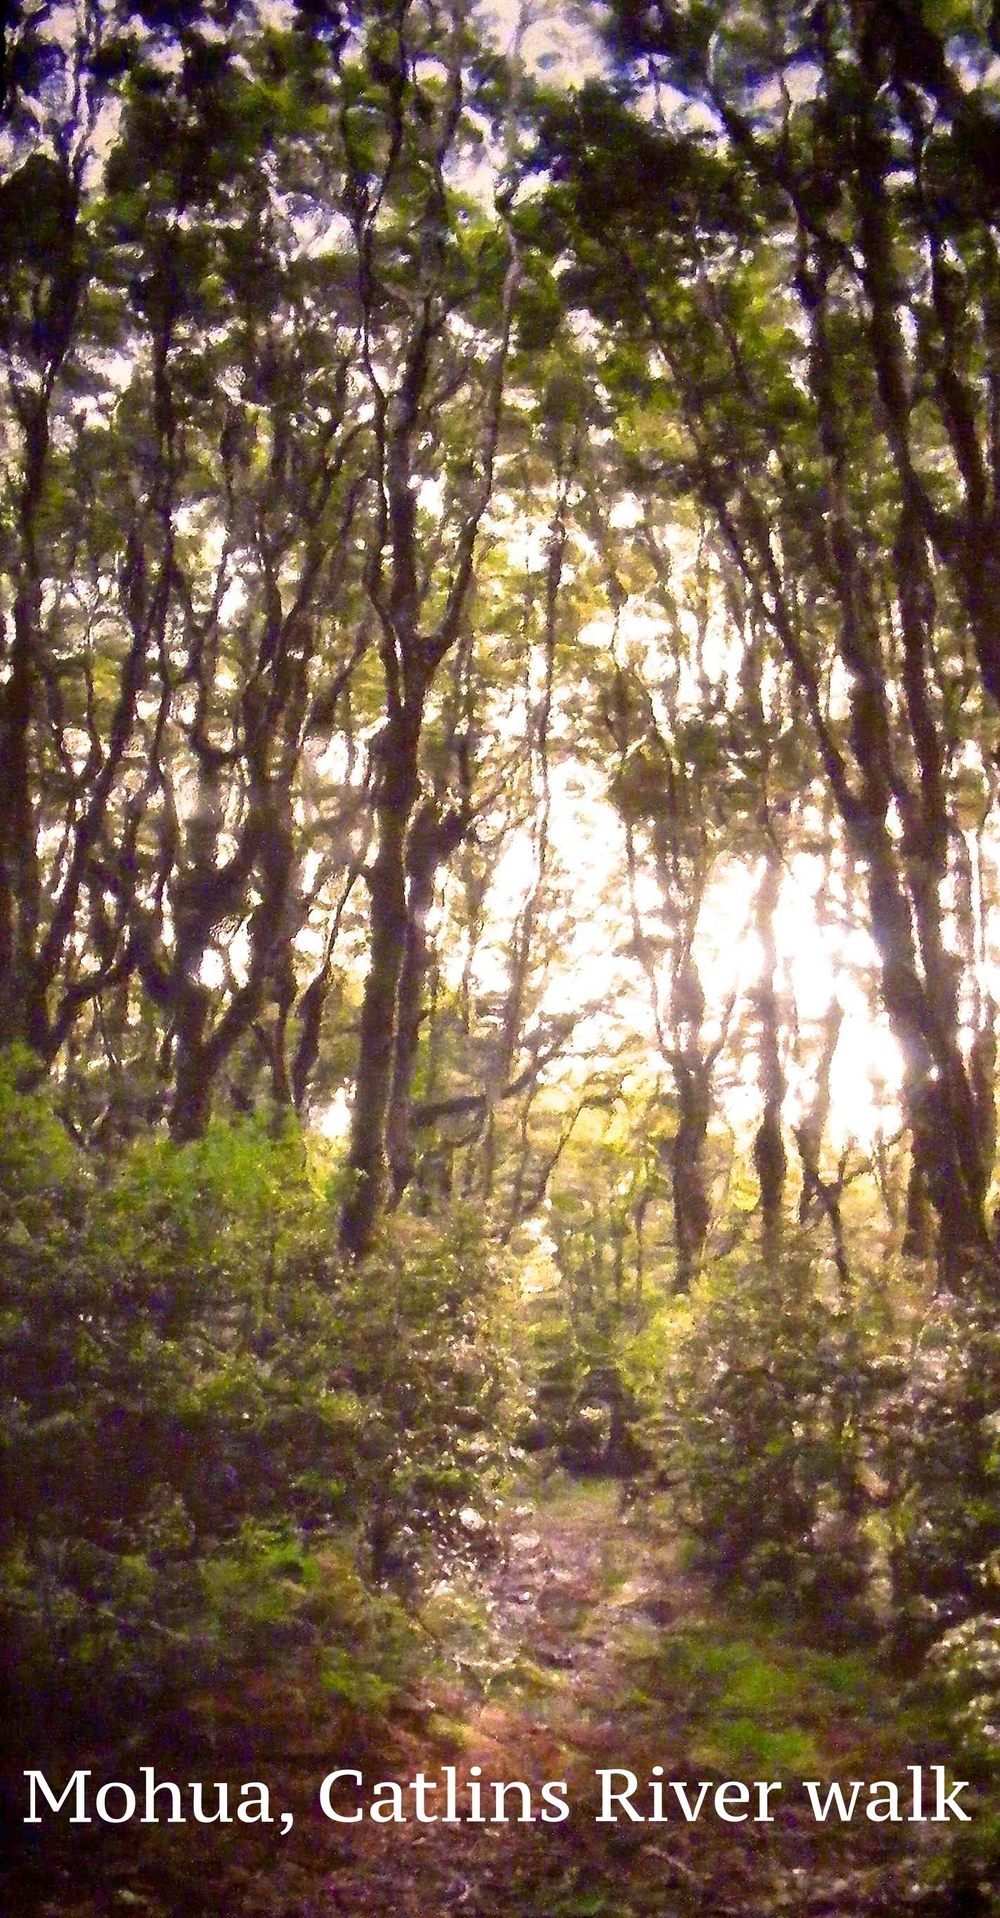 Mohua,Catlins river walk.jpg